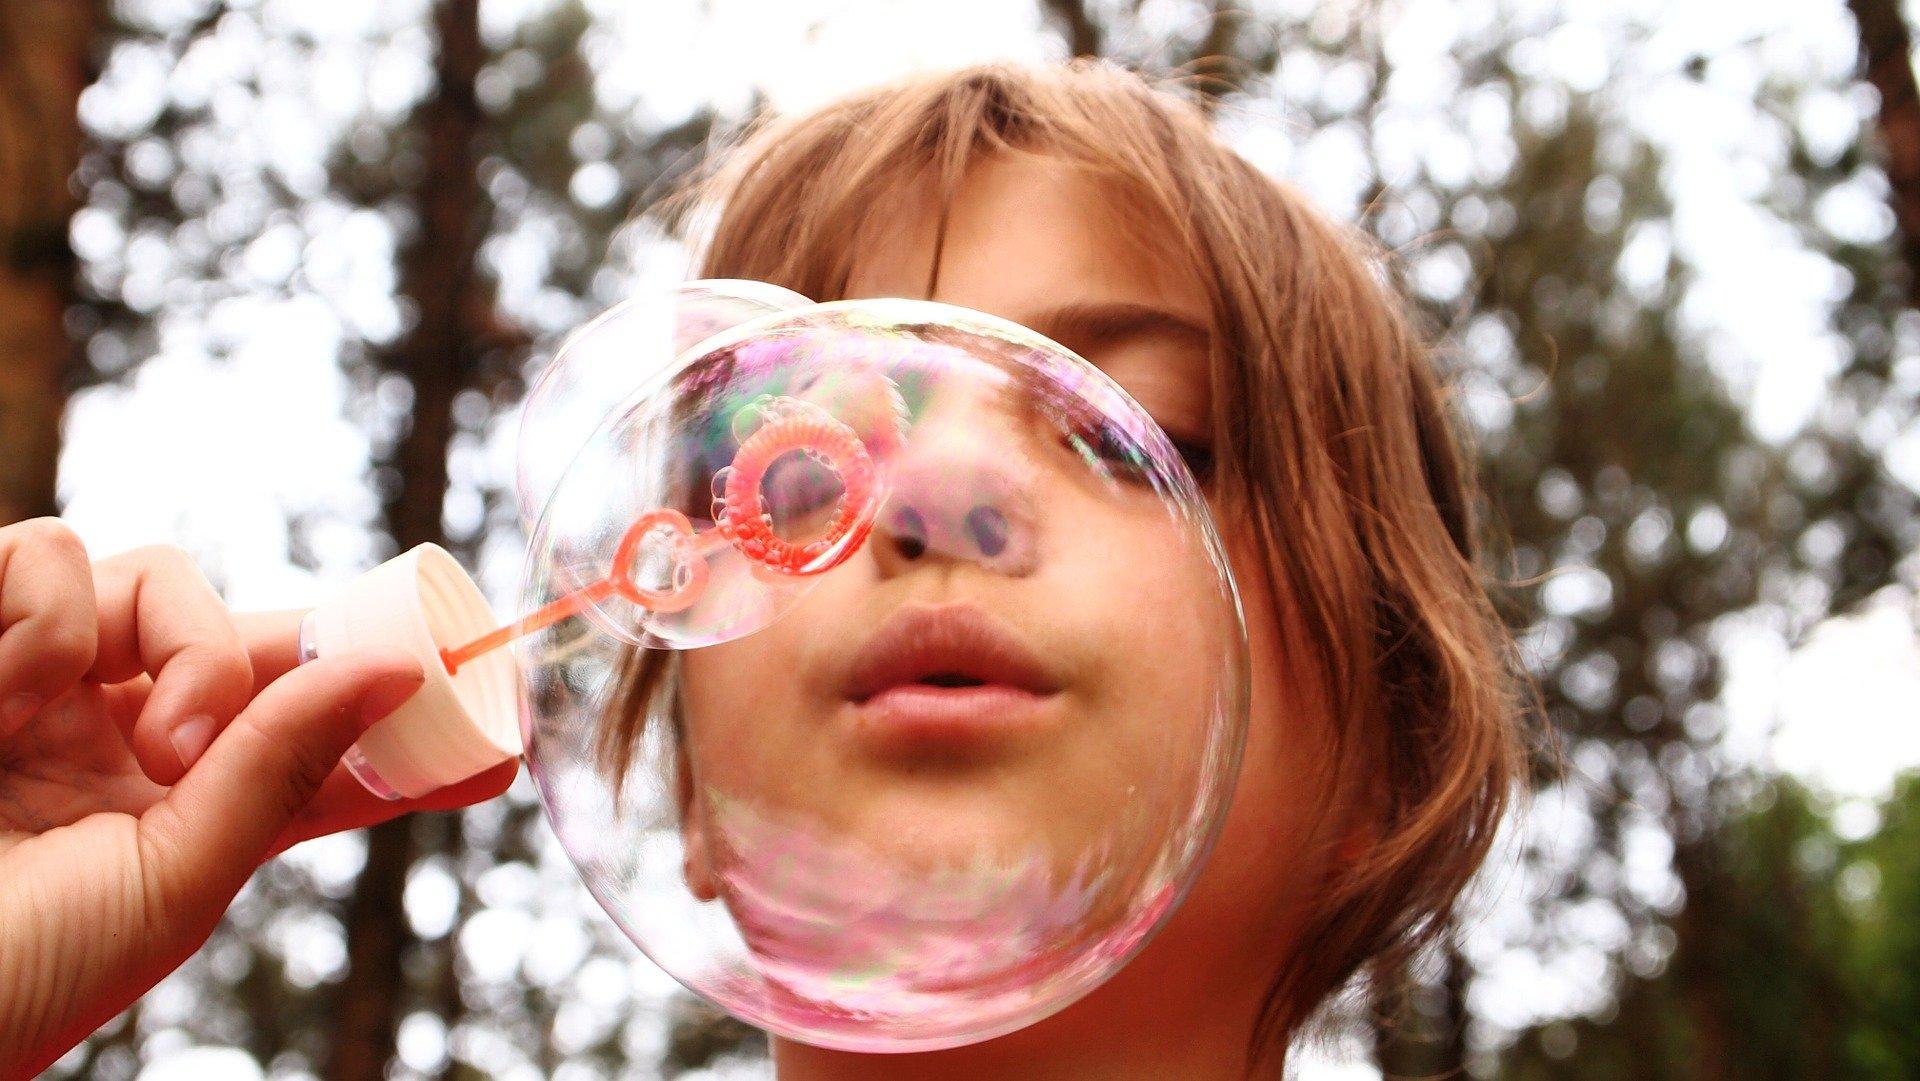 soap-bubbles-668950_1920